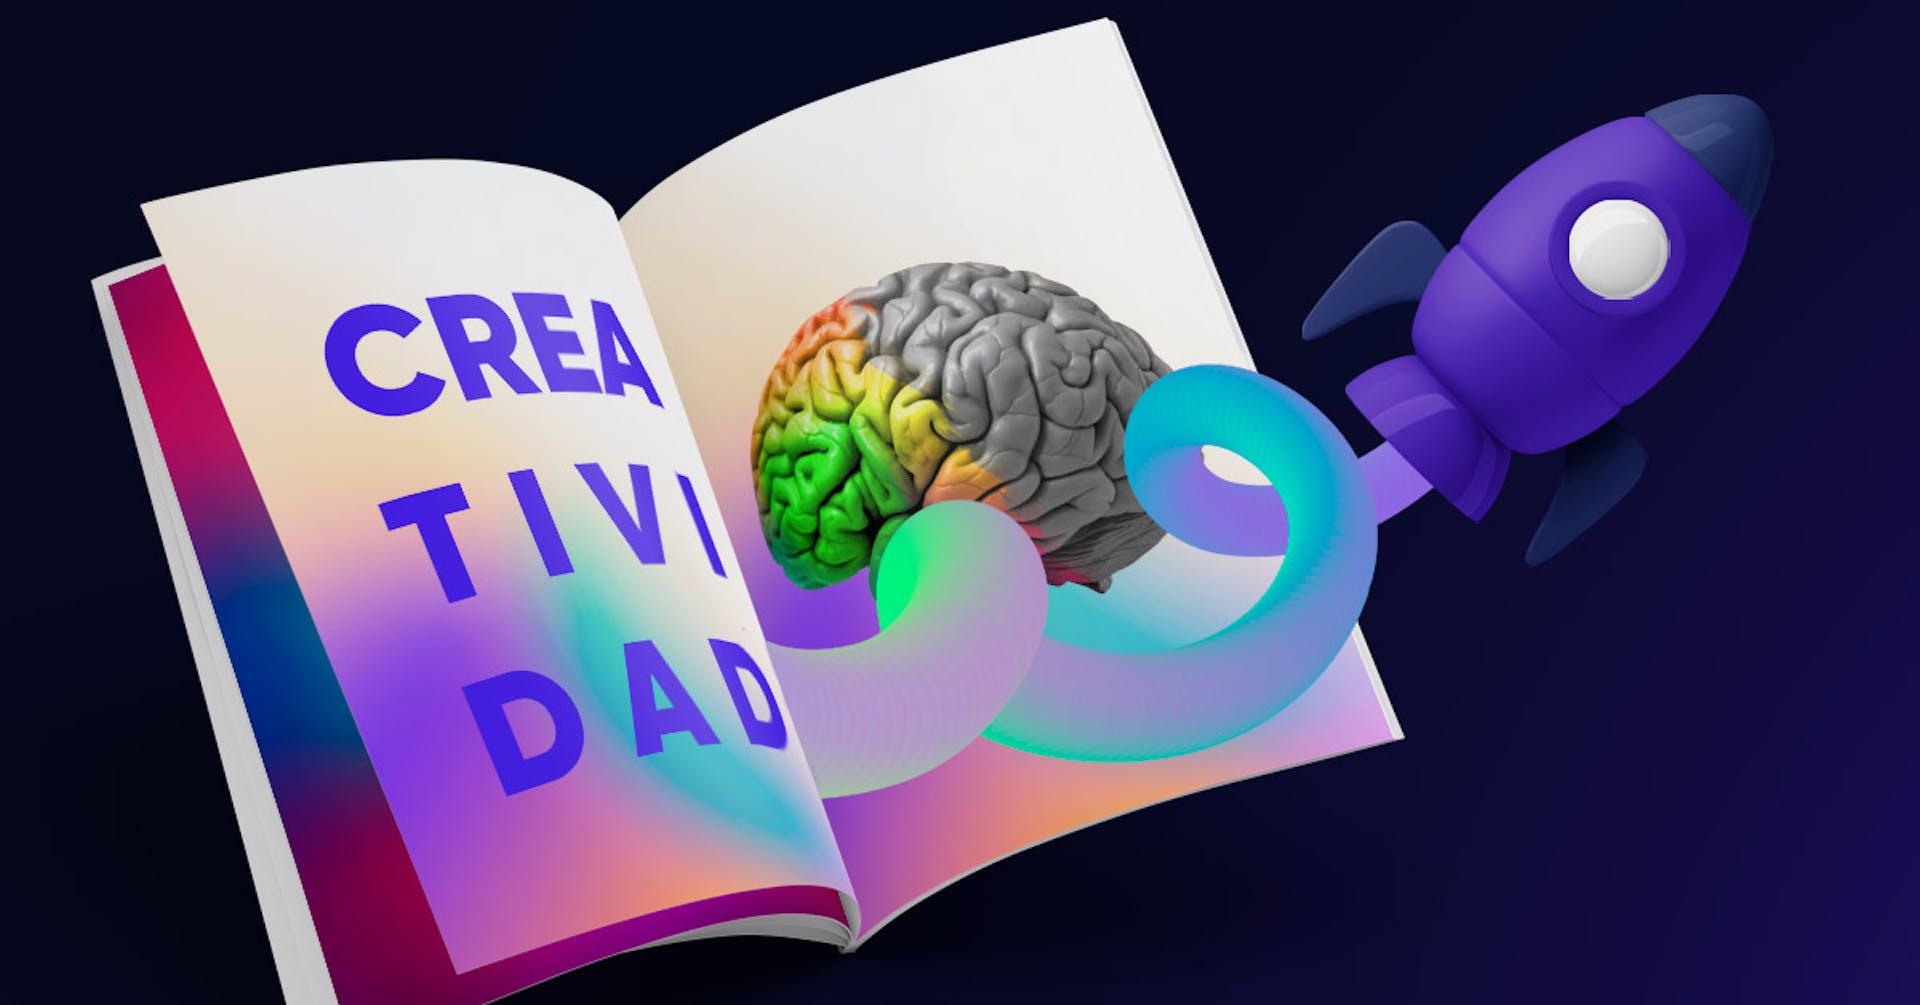 Los 5 mejores libros sobre creatividad: ¡desata tus ideas!